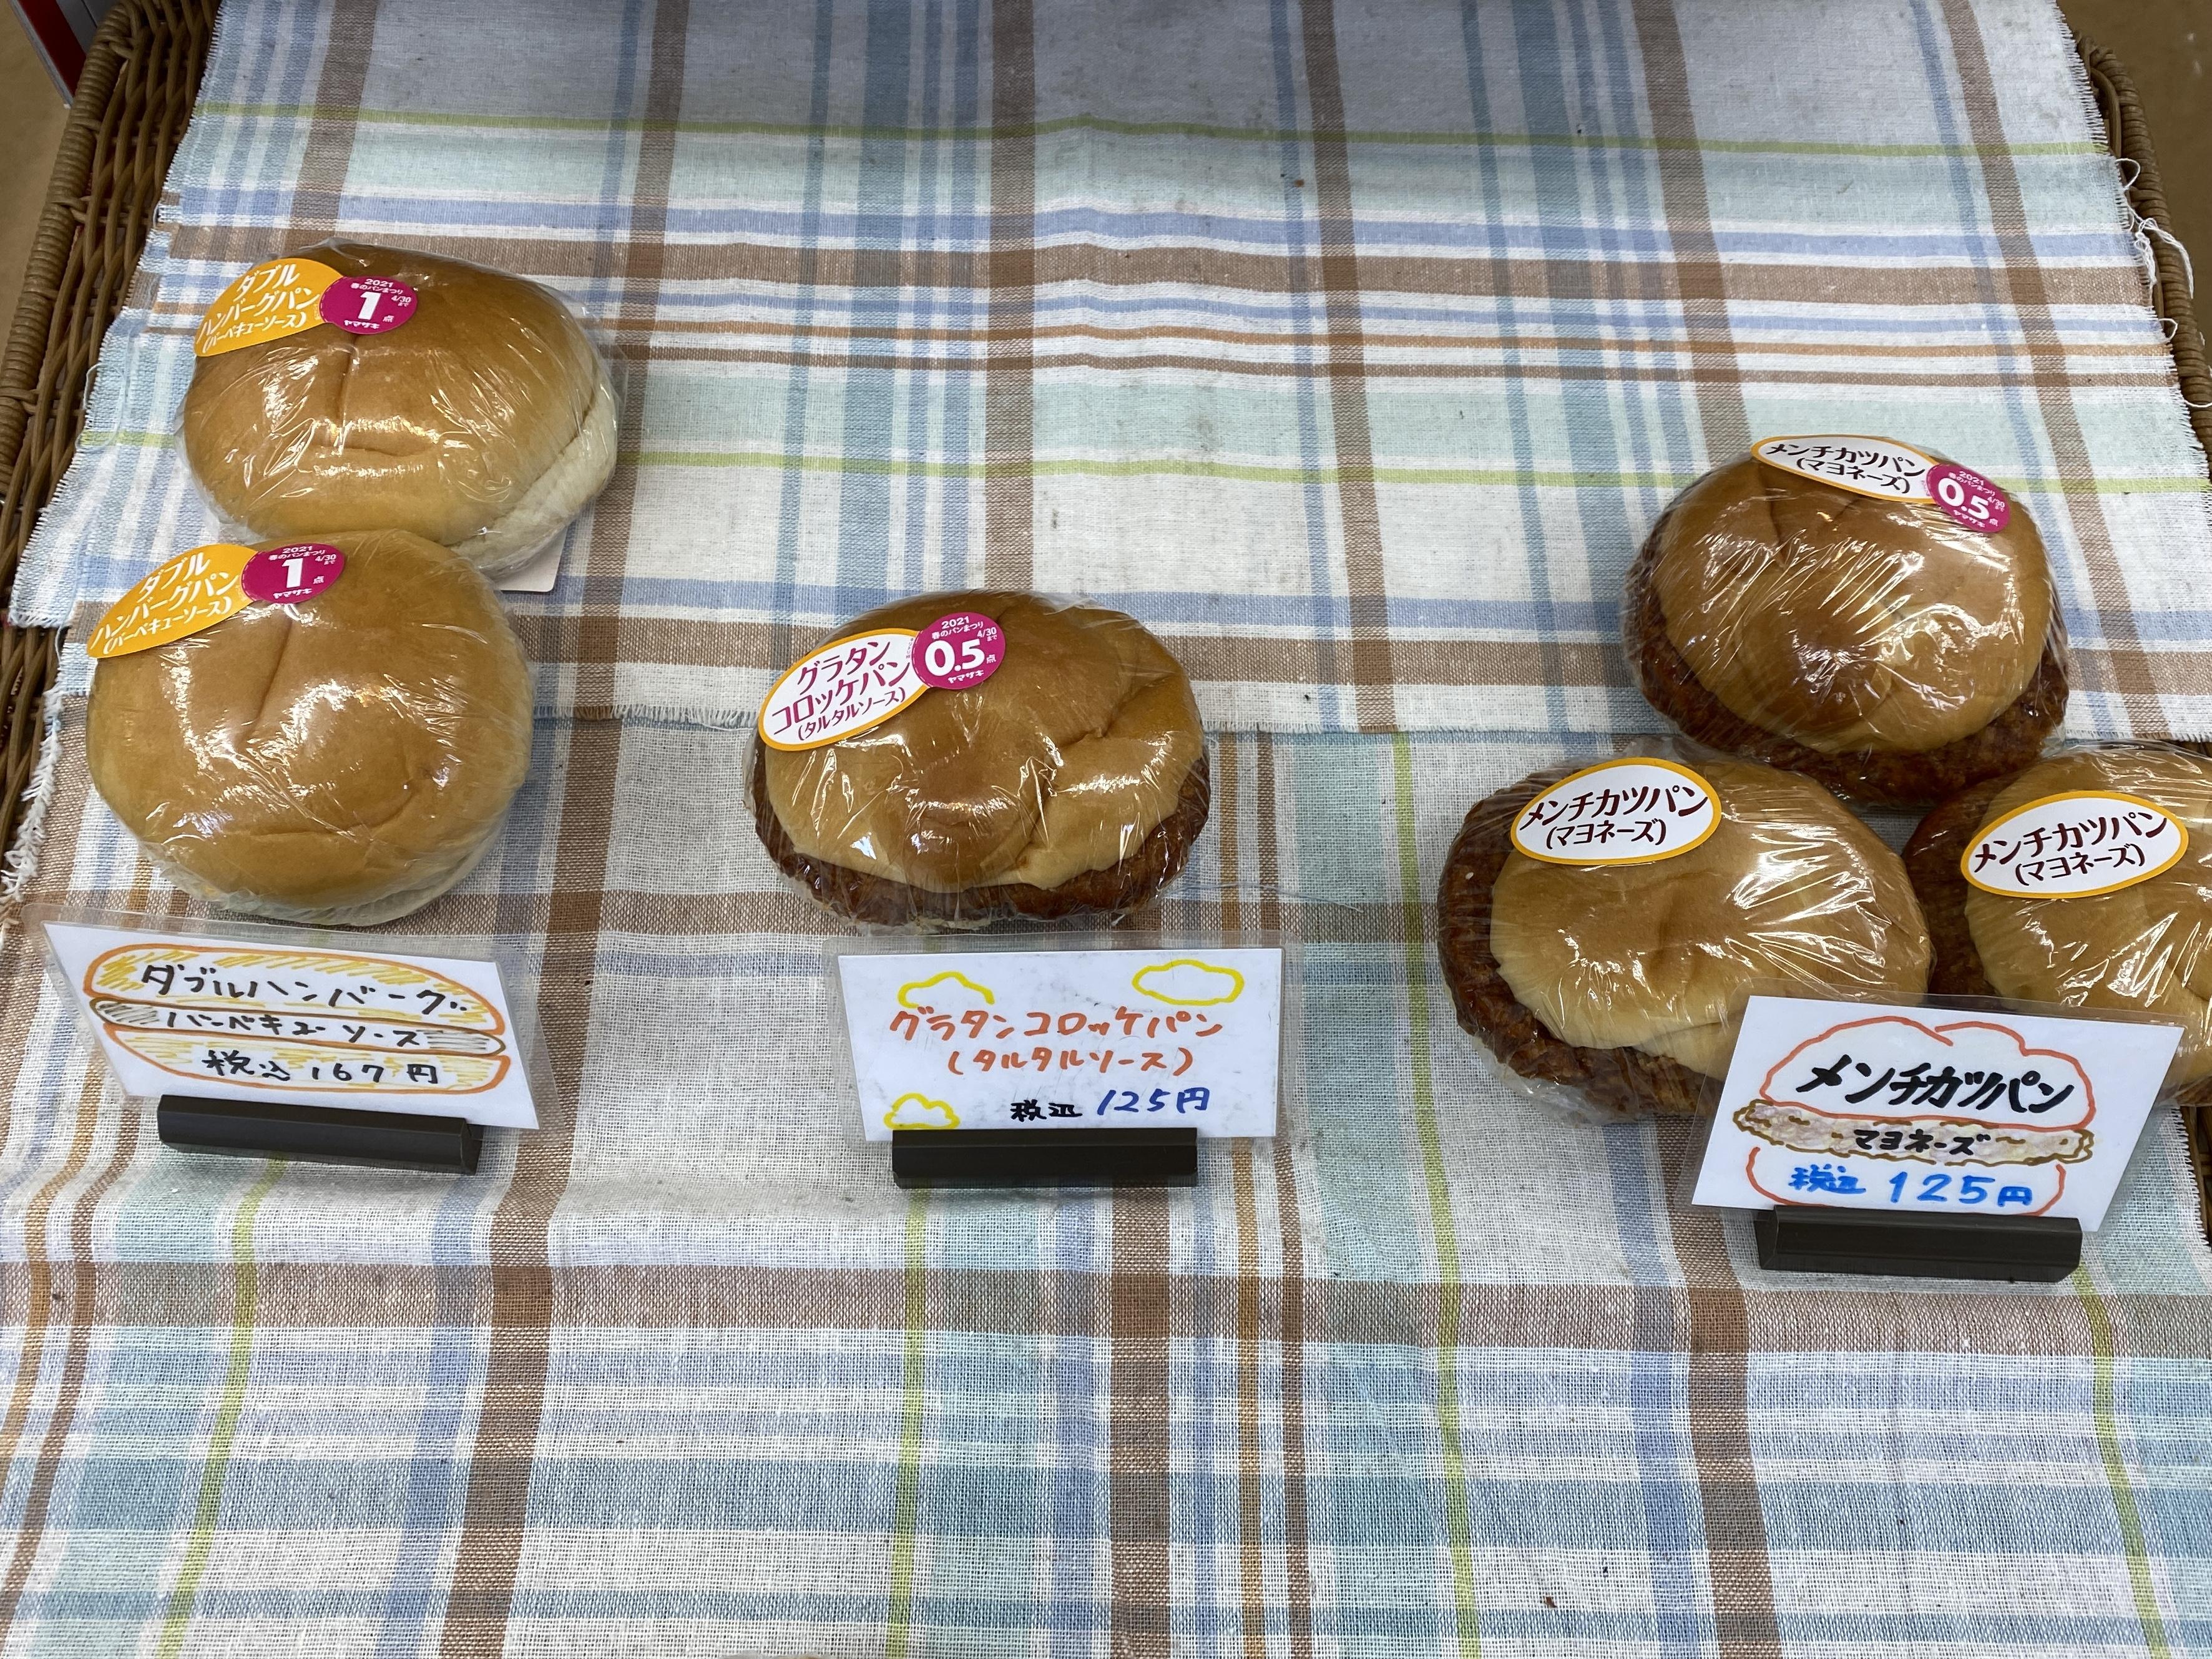 春の 祭り 2021 パン 山崎